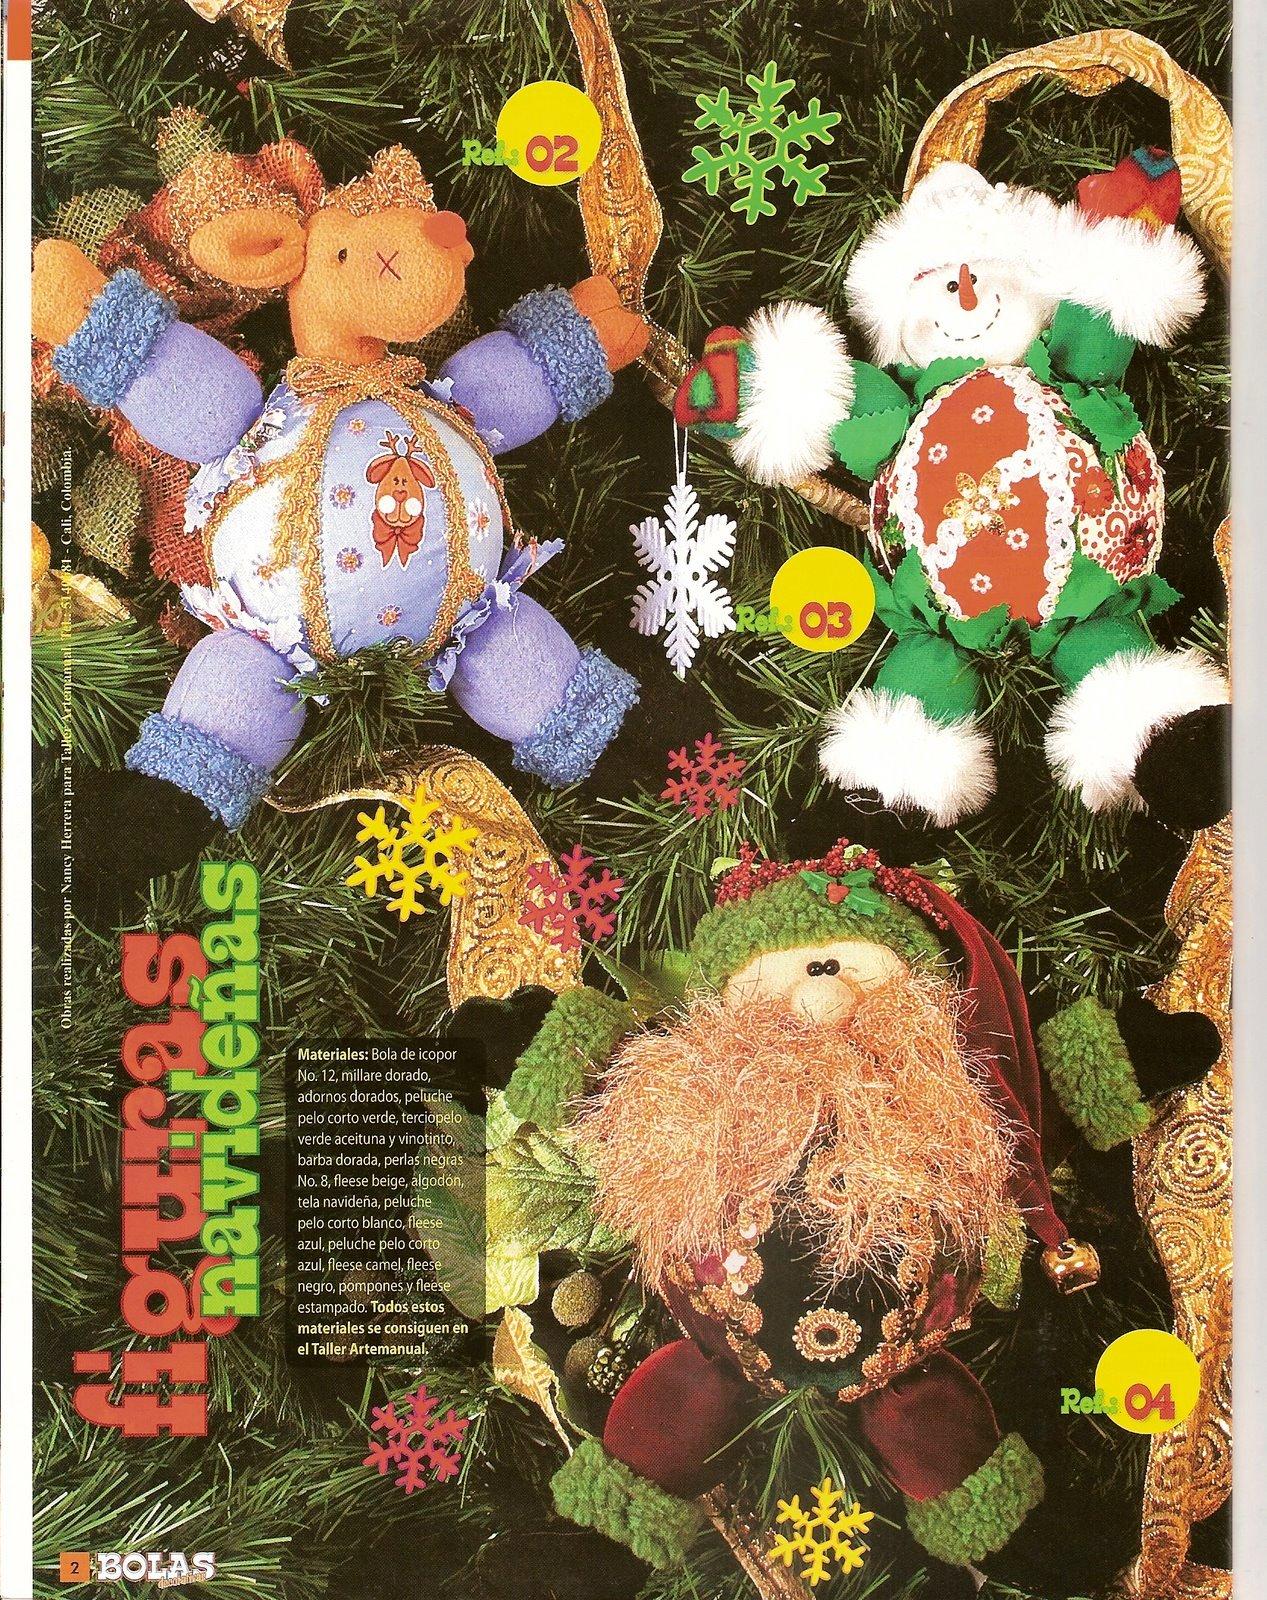 Bolas decorativas decora el rbol de la pr xima navidad - Bolas arbol navidad manualidades ...